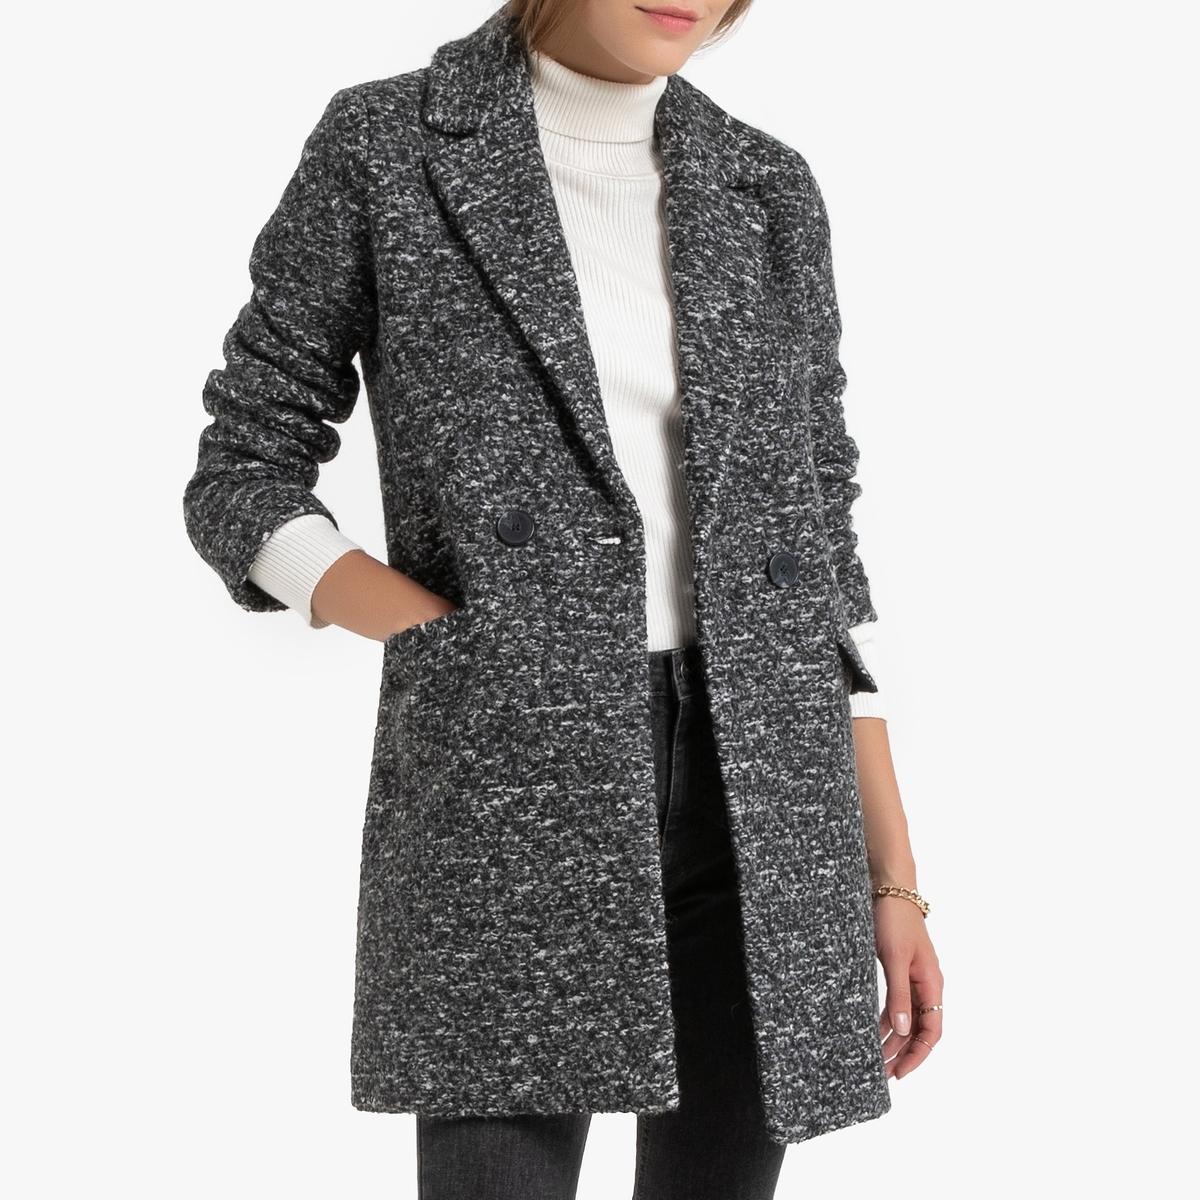 все цены на Пальто La Redoute Средней длины с застежкой на пуговицы XS серый онлайн